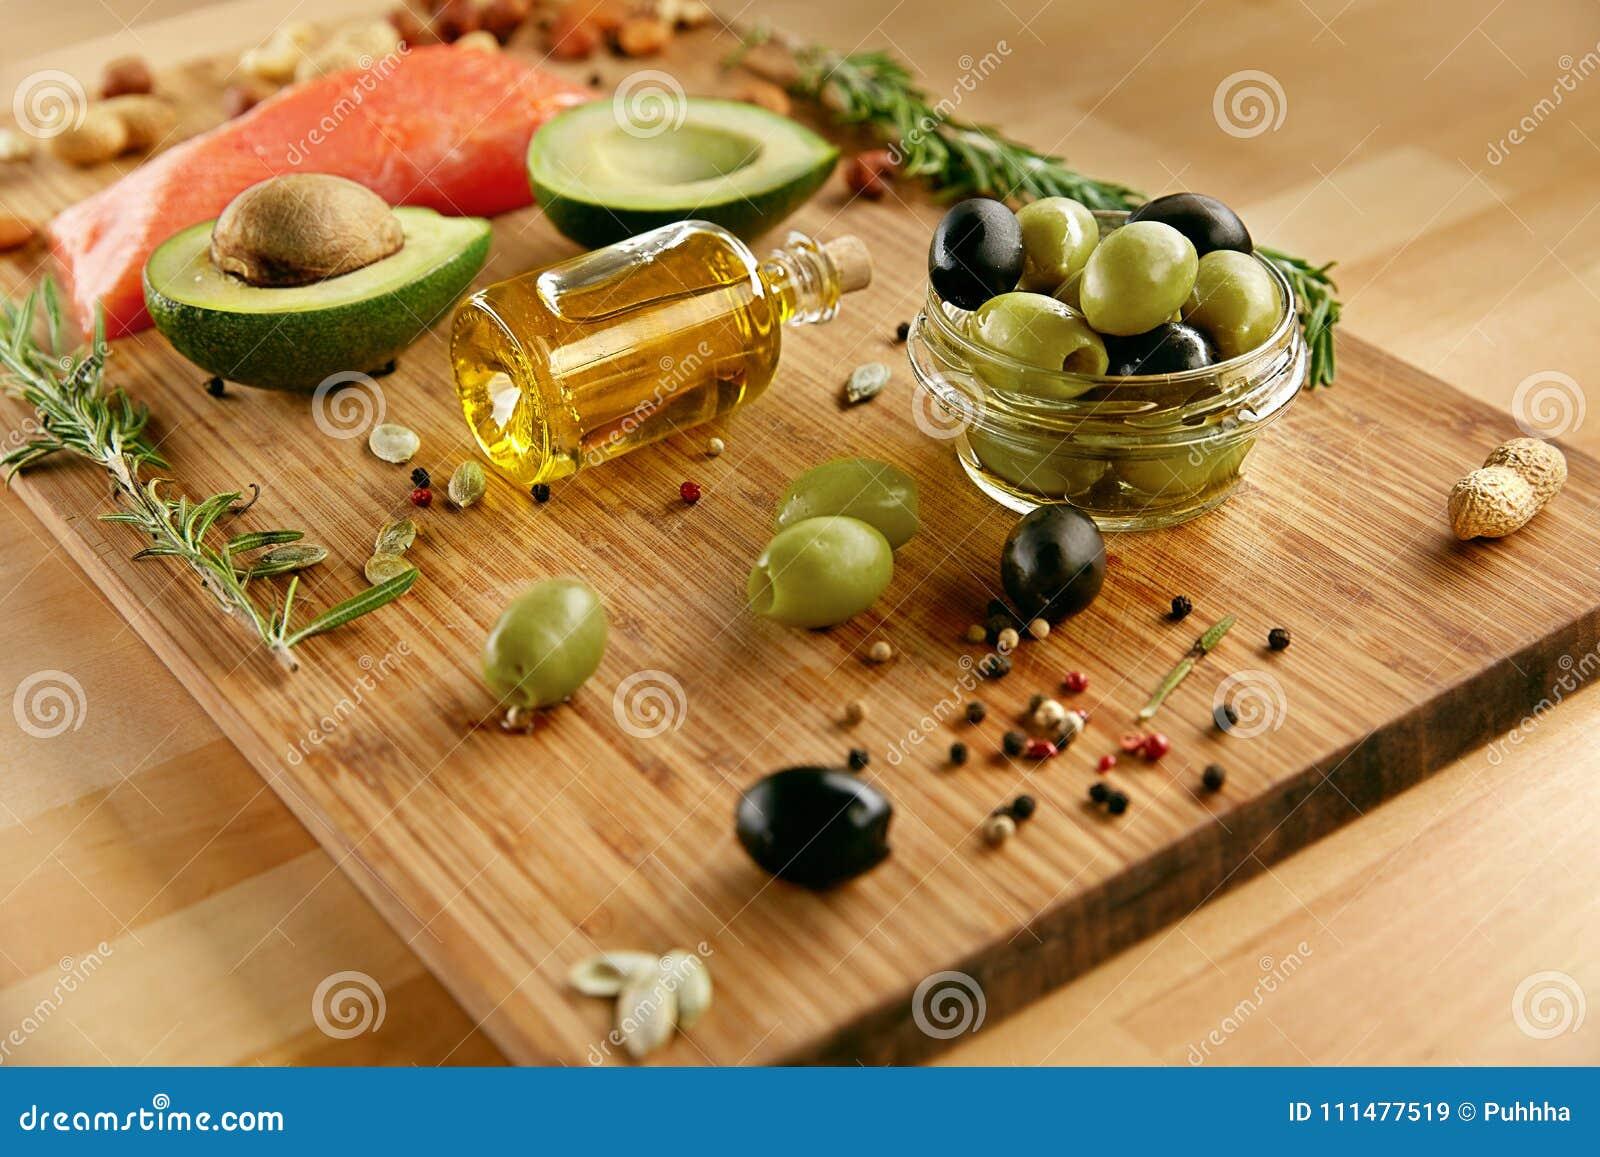 tabella nutrizionale dieta sana